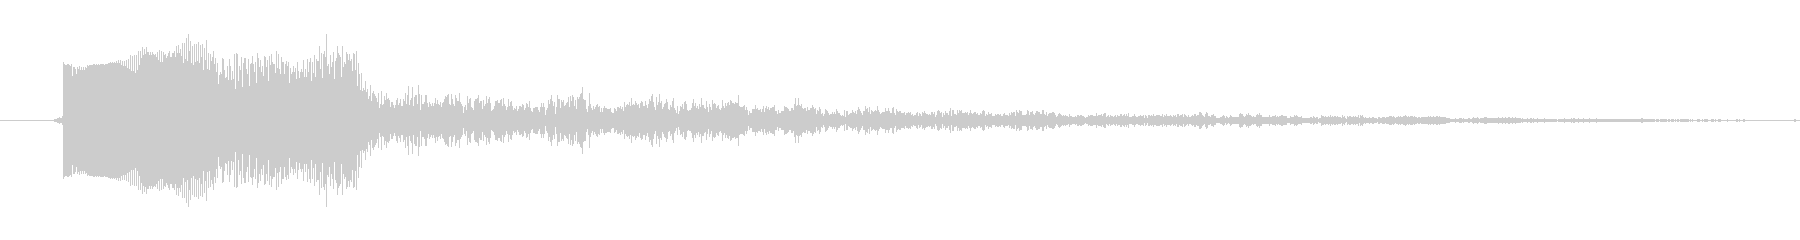 ティロンというシステム音の未再生の波形